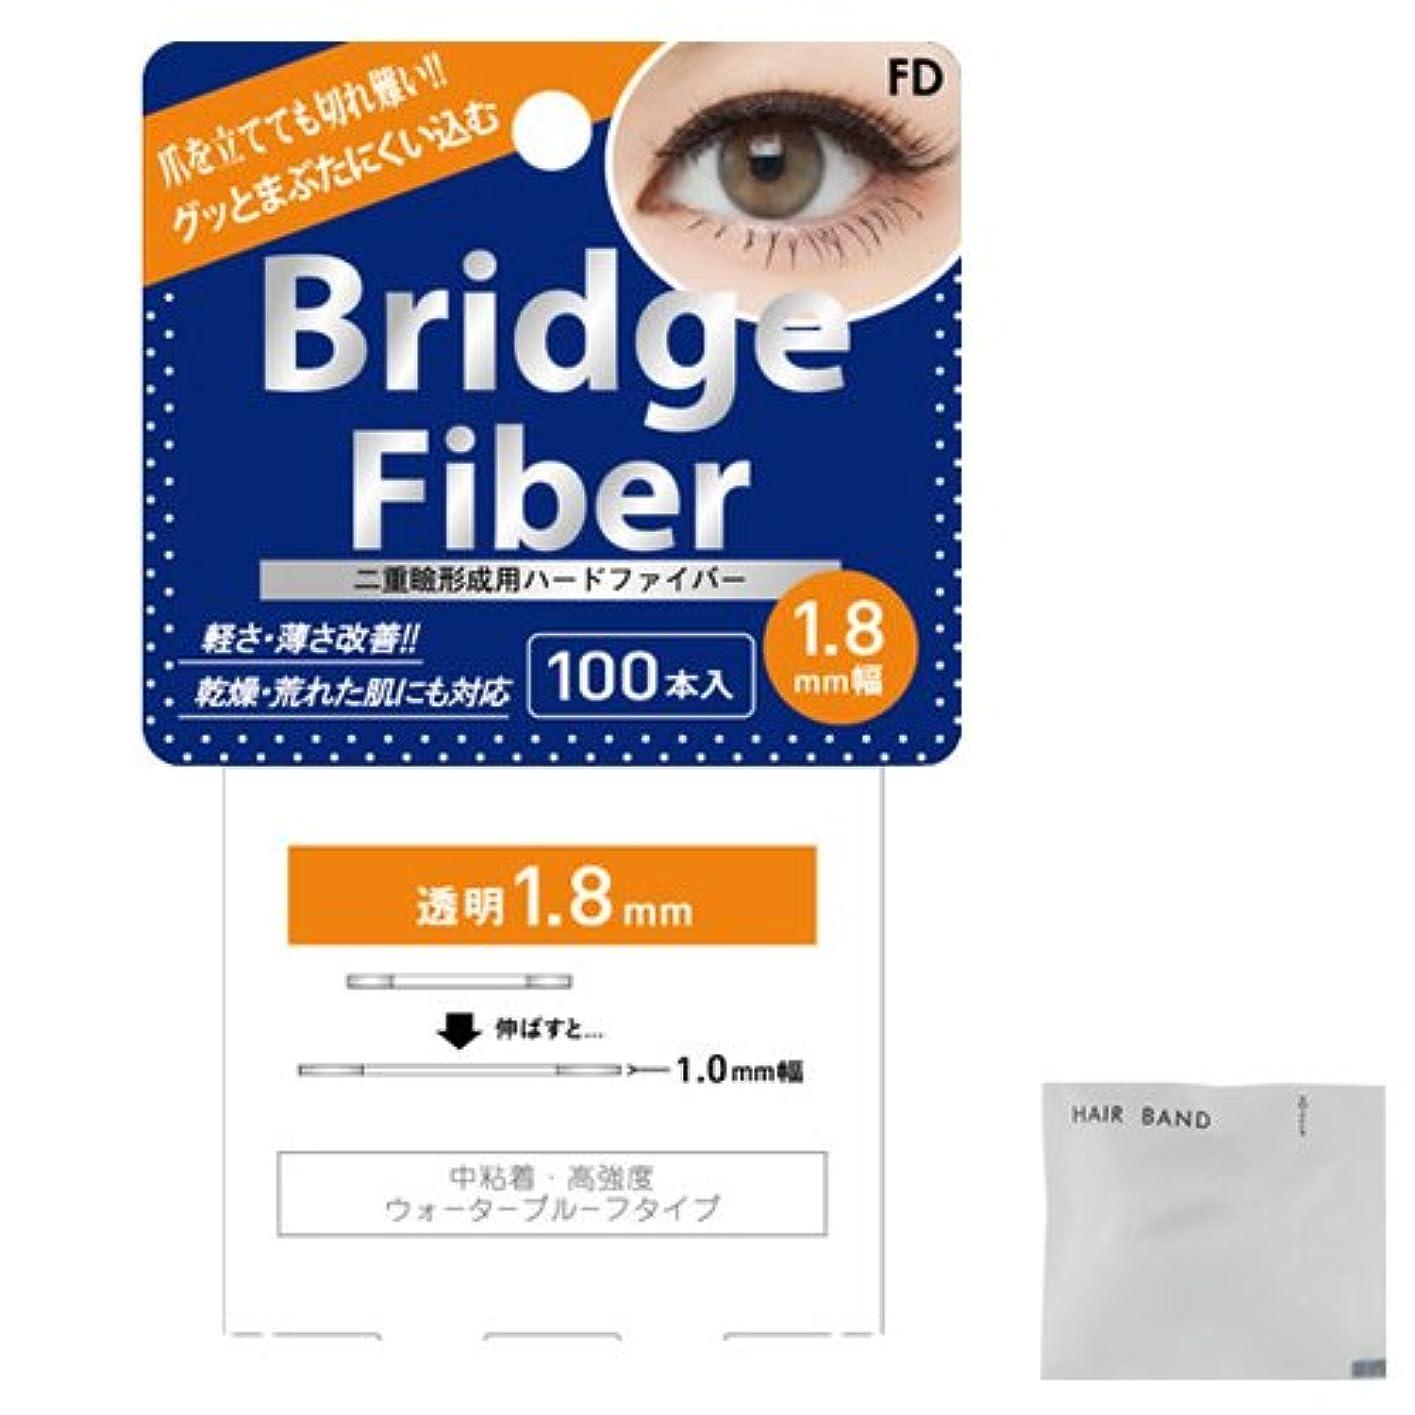 船上紛争見出しFD ブリッジファイバーⅡ (Bridge Fiber) クリア1.8mm + ヘアゴム(カラーはおまかせ)セット